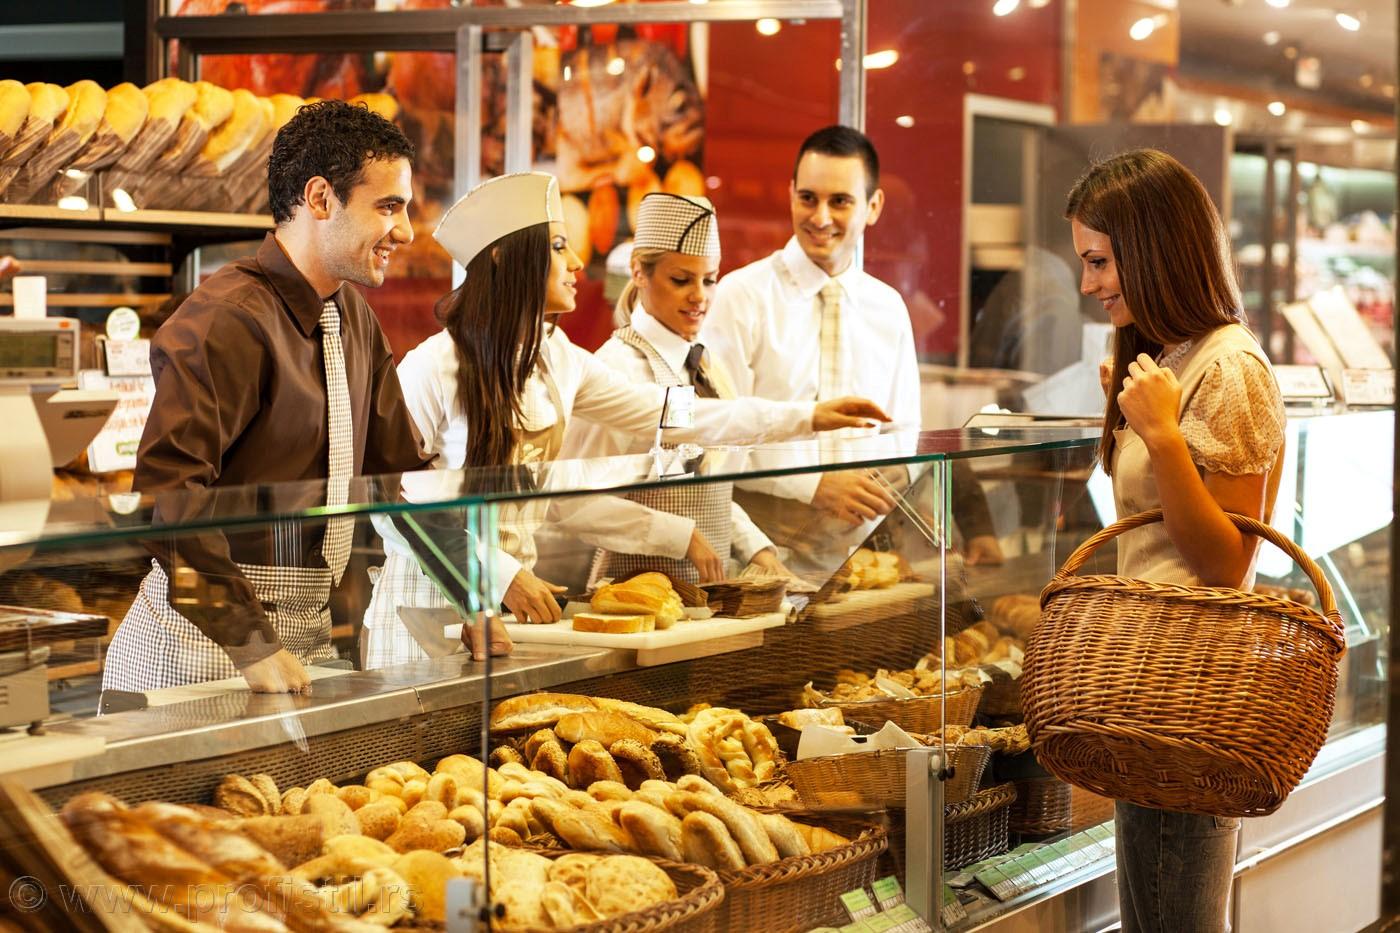 Radne uniforme za pekare,mesare i markete